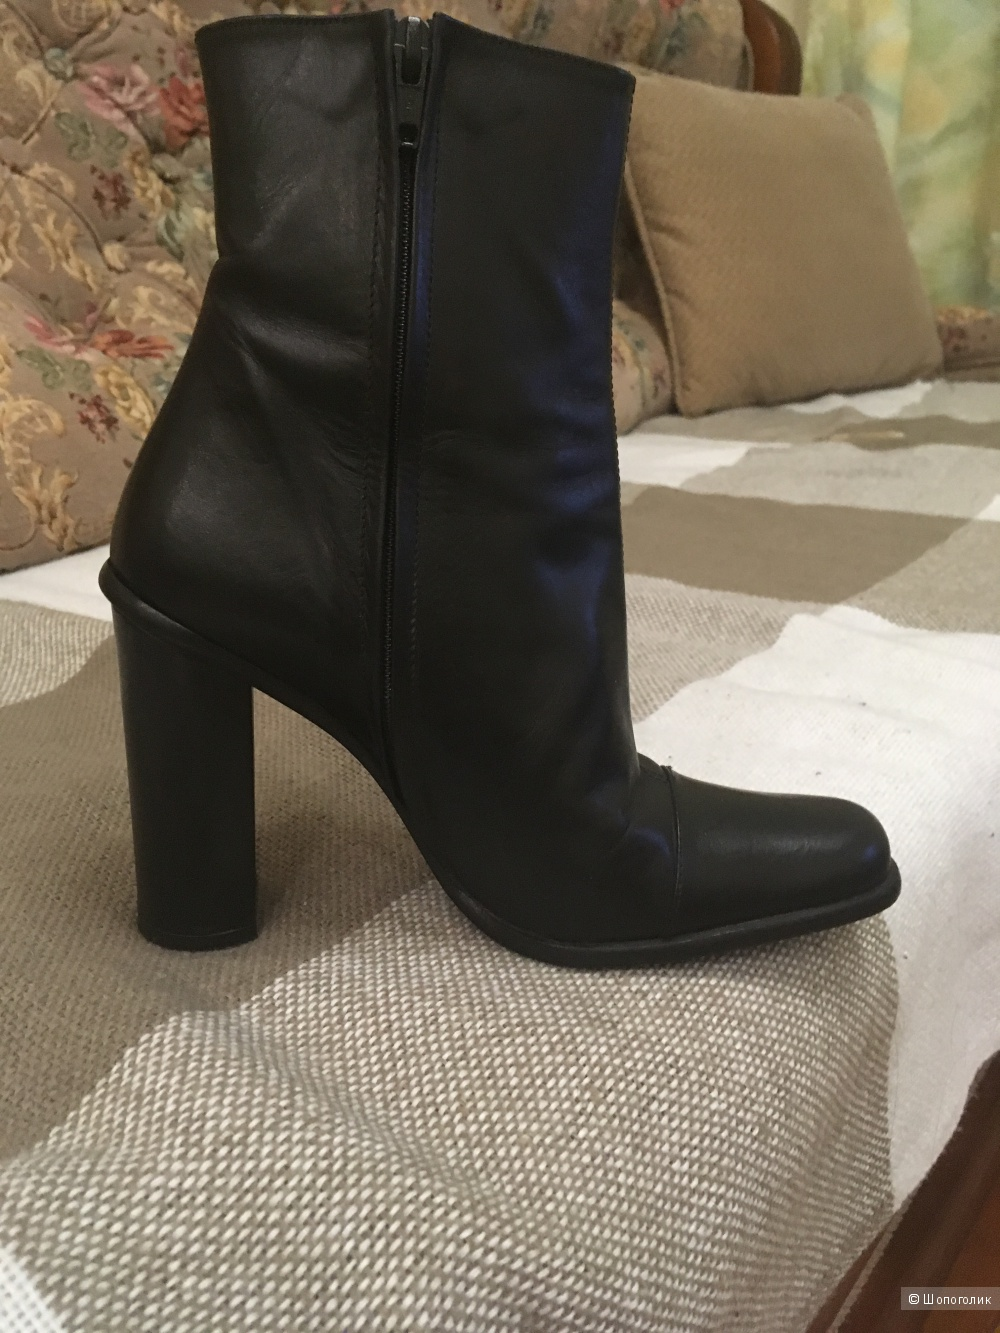 Ботинки Roccobarocco, размер EU 36, б/у 1 раз